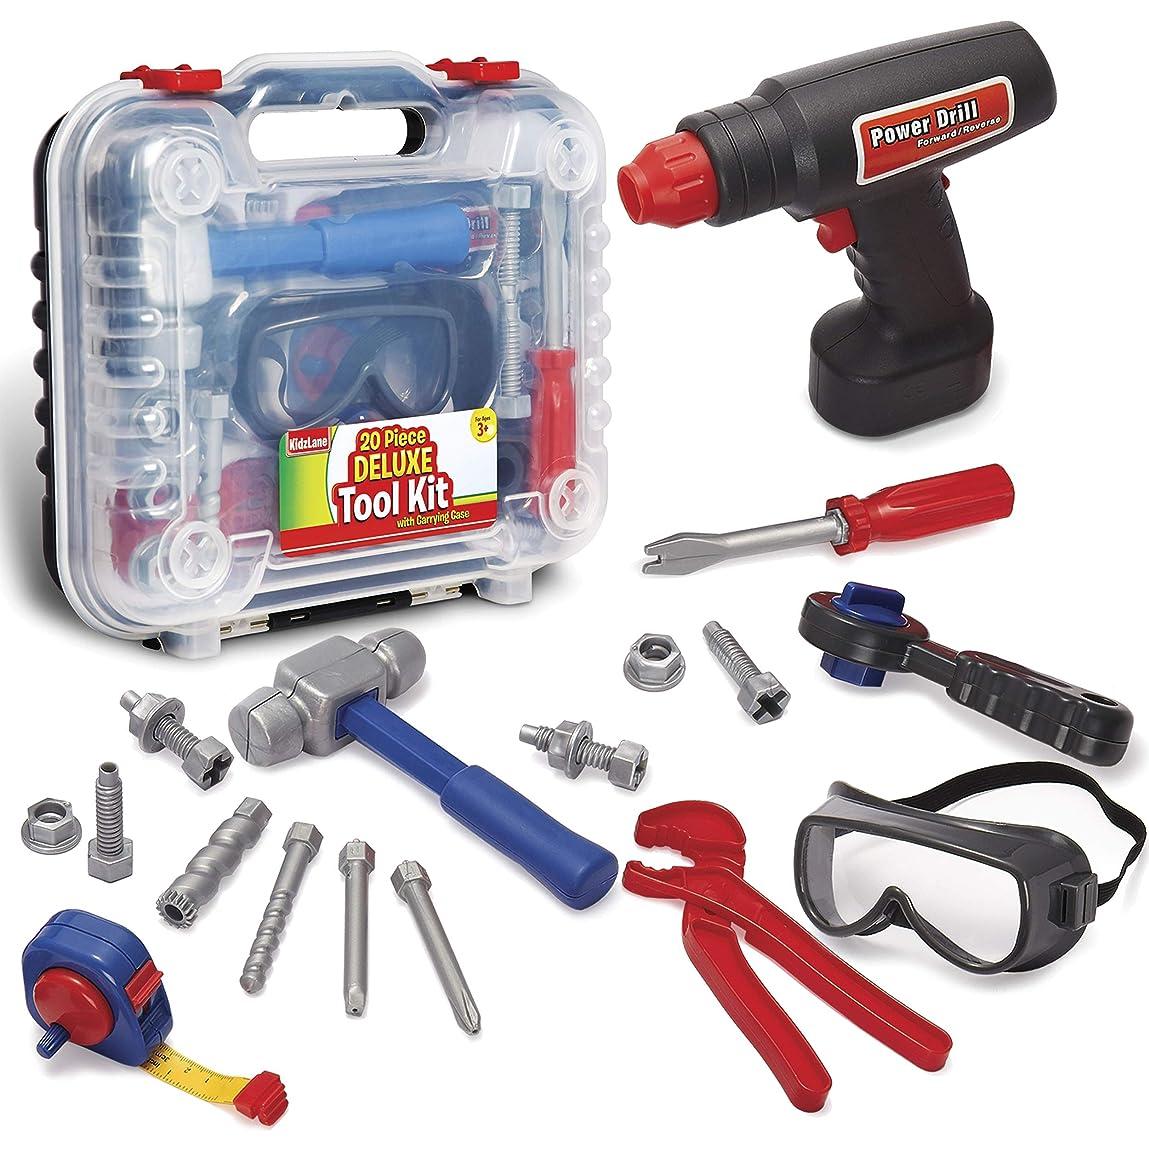 ふつうふさわしい上げる[Kidzlane]Kidzlane Durable Kids Tool Set, with Electronic Cordless Drill & 20 Pretend Play Construction Accessories, with ...